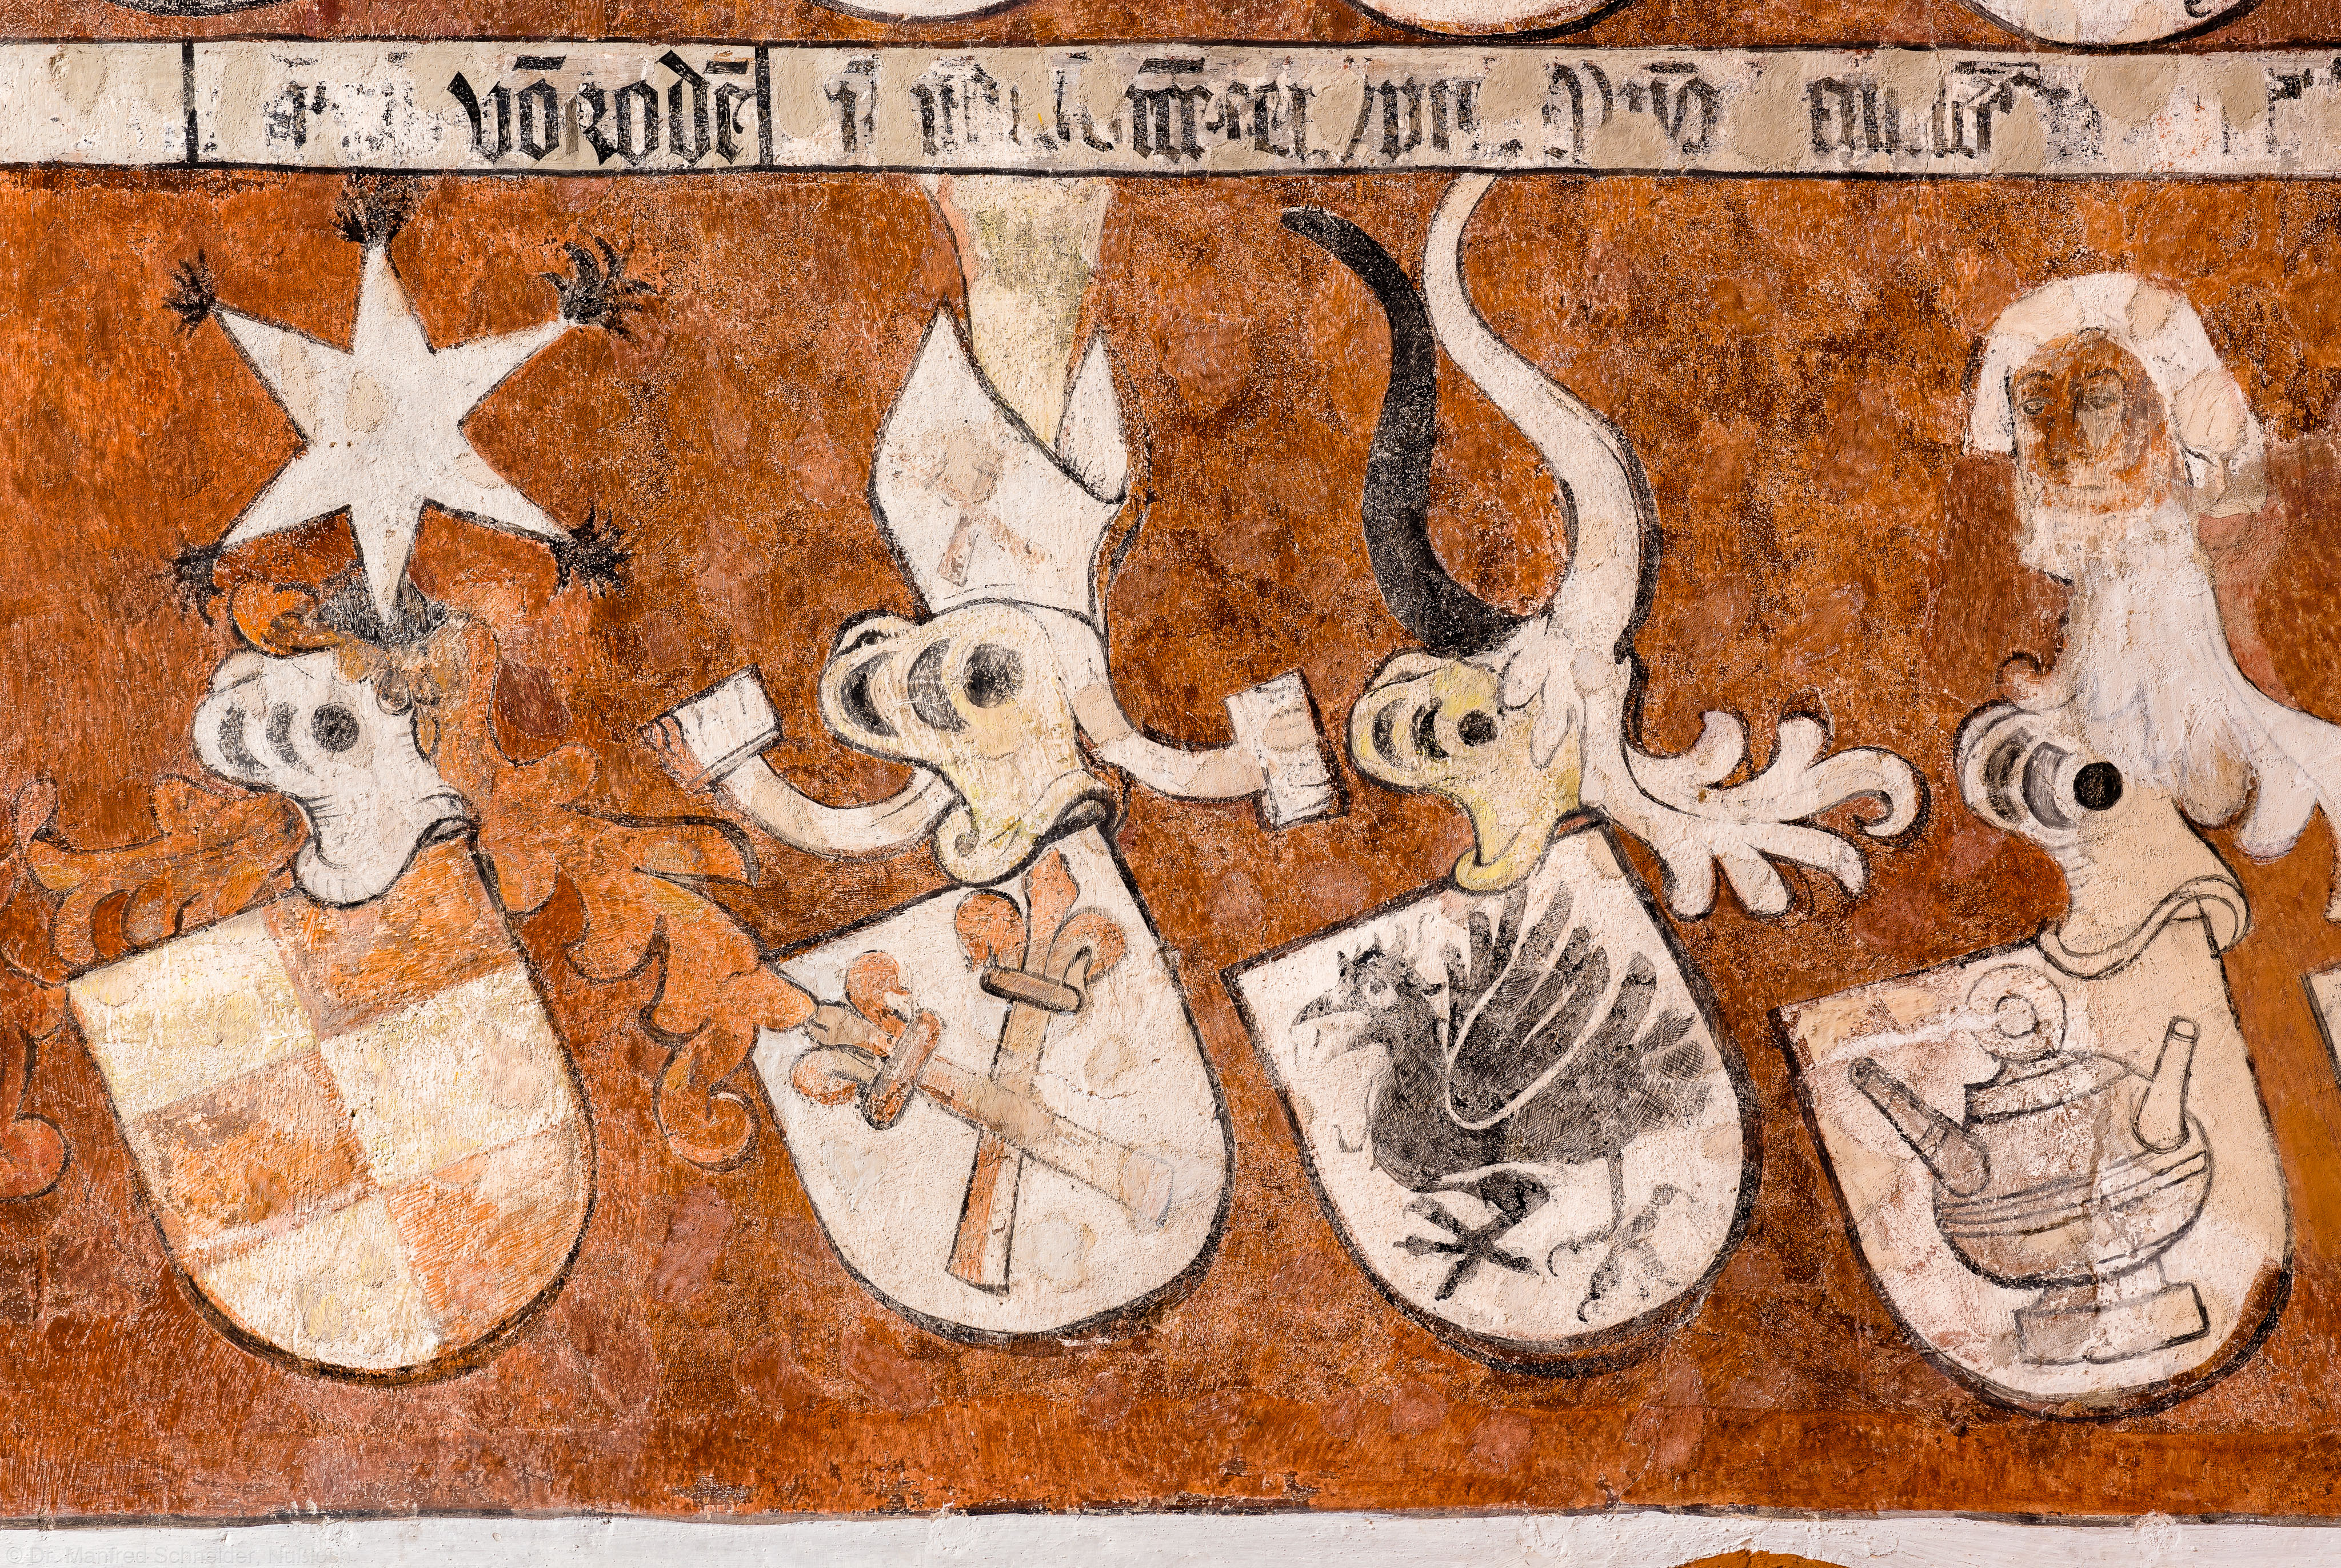 """Heidelberg - Heiliggeistkirche - Chor - Südostwand - Ausschnitt (unterste Reihe) aus dem Wappenfries der """"Gesellschaft mit dem Esel"""" (aufgenommen im März 2015, am Vormittag)"""